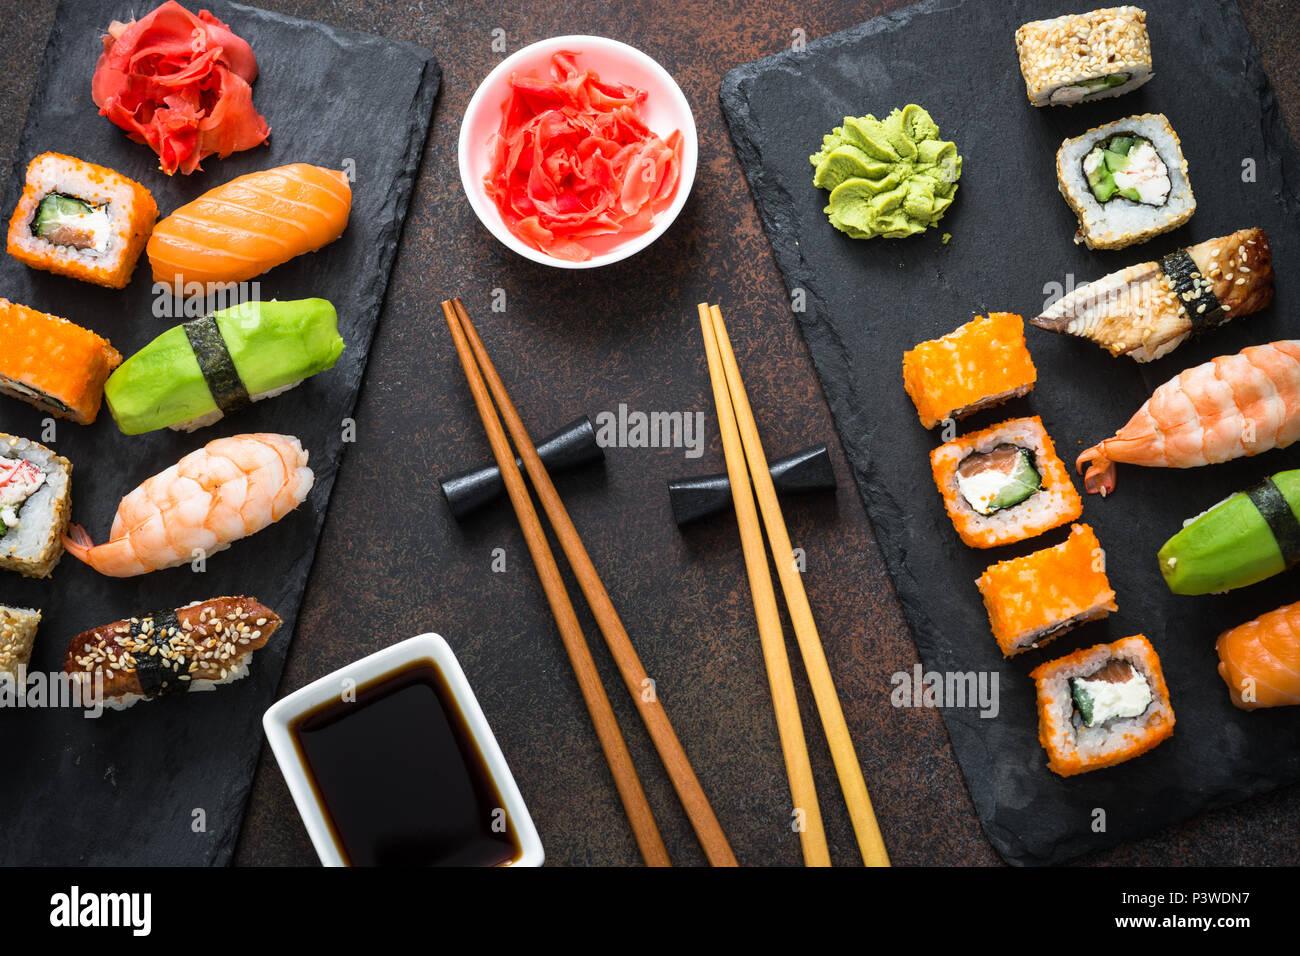 Sushi, maki, nigiri et sushi roll set sur table en pierre sombre vue de dessus. La nourriture japonaise. Photo Stock